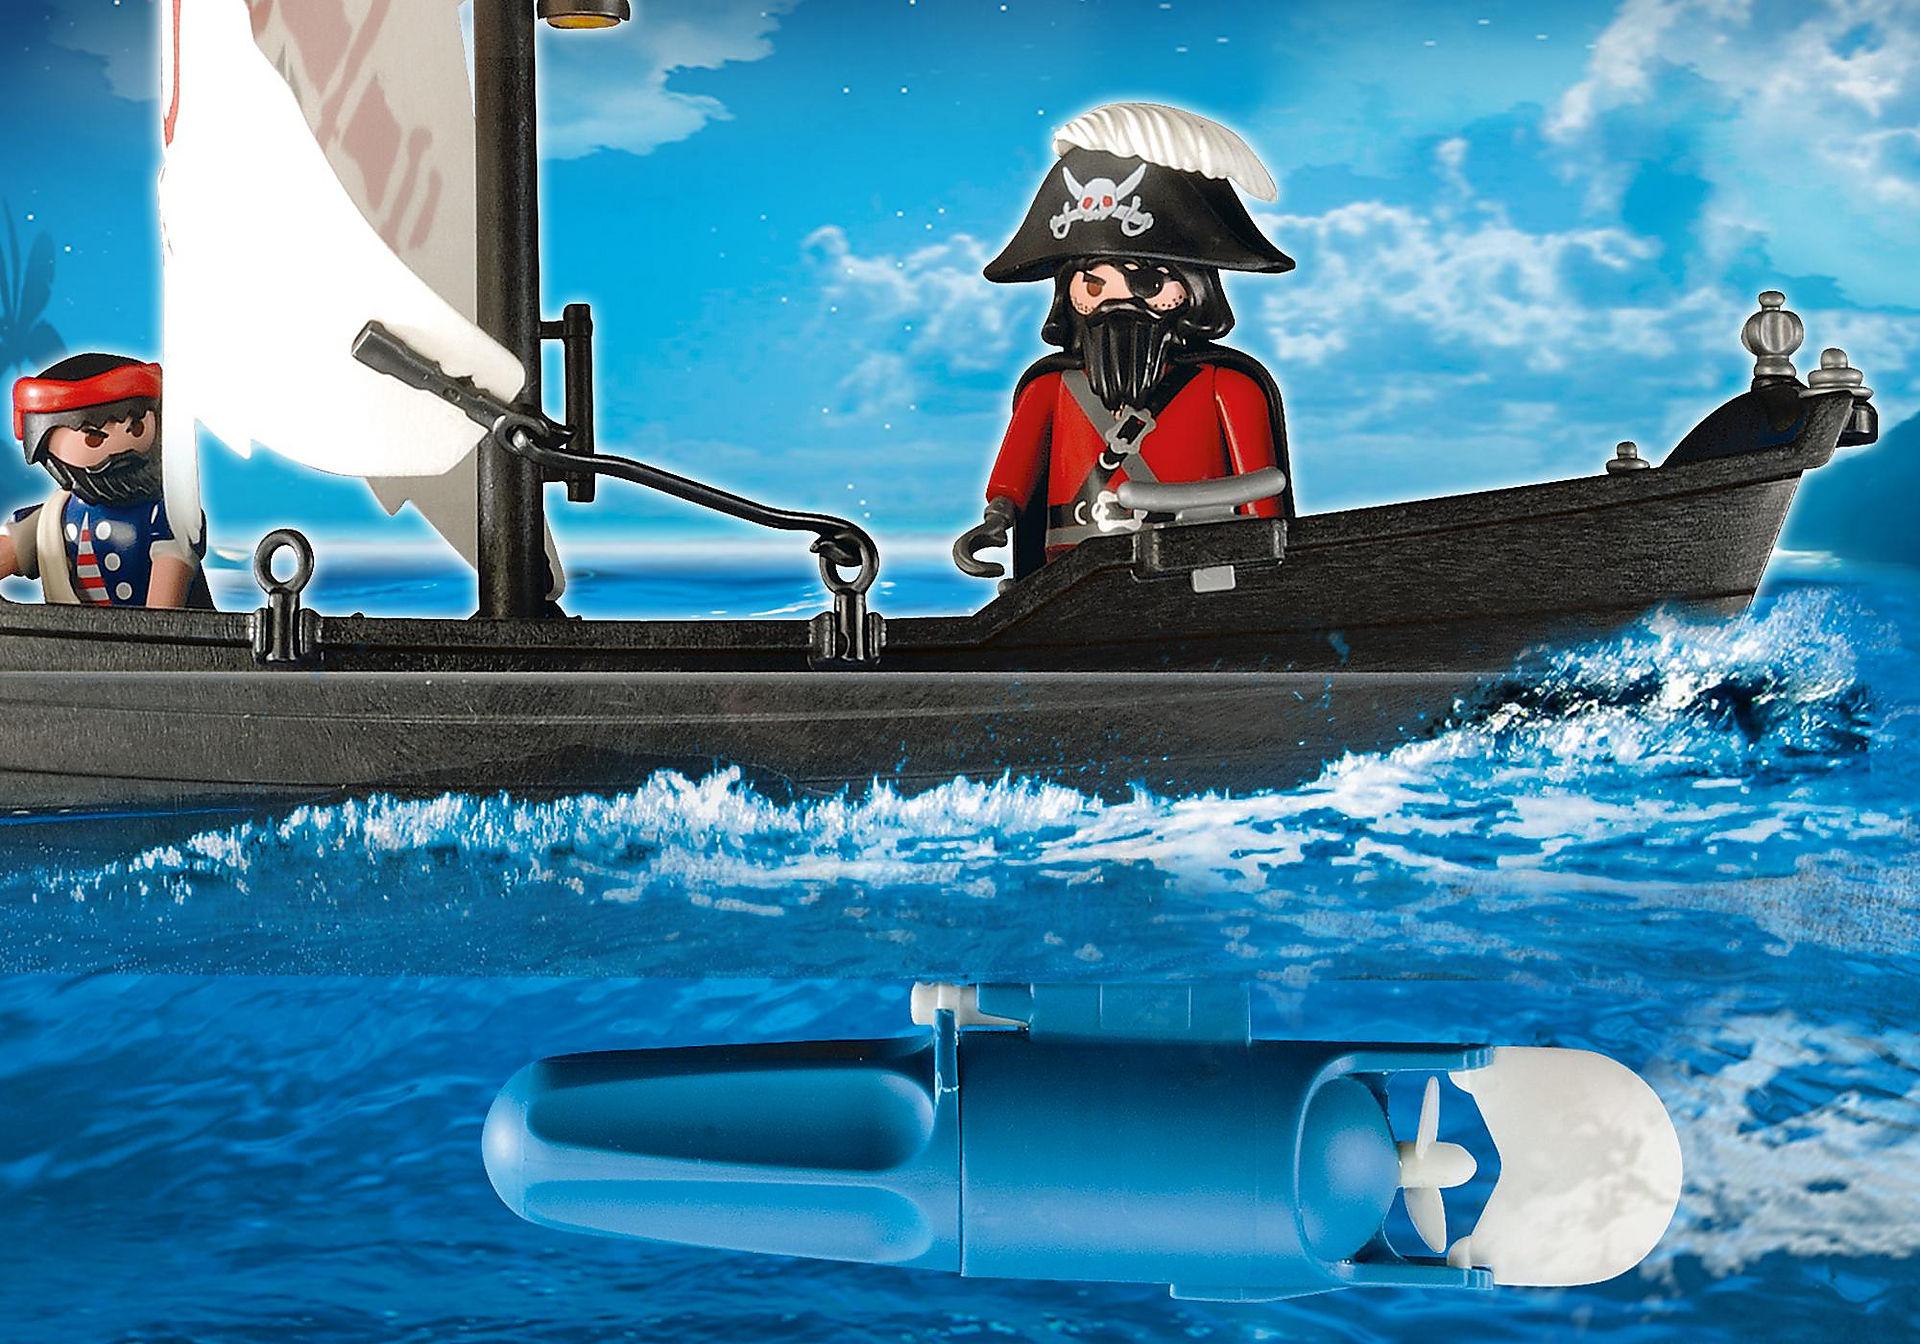 5919 Piratenangriff auf die Soldatenbastion zoom image7